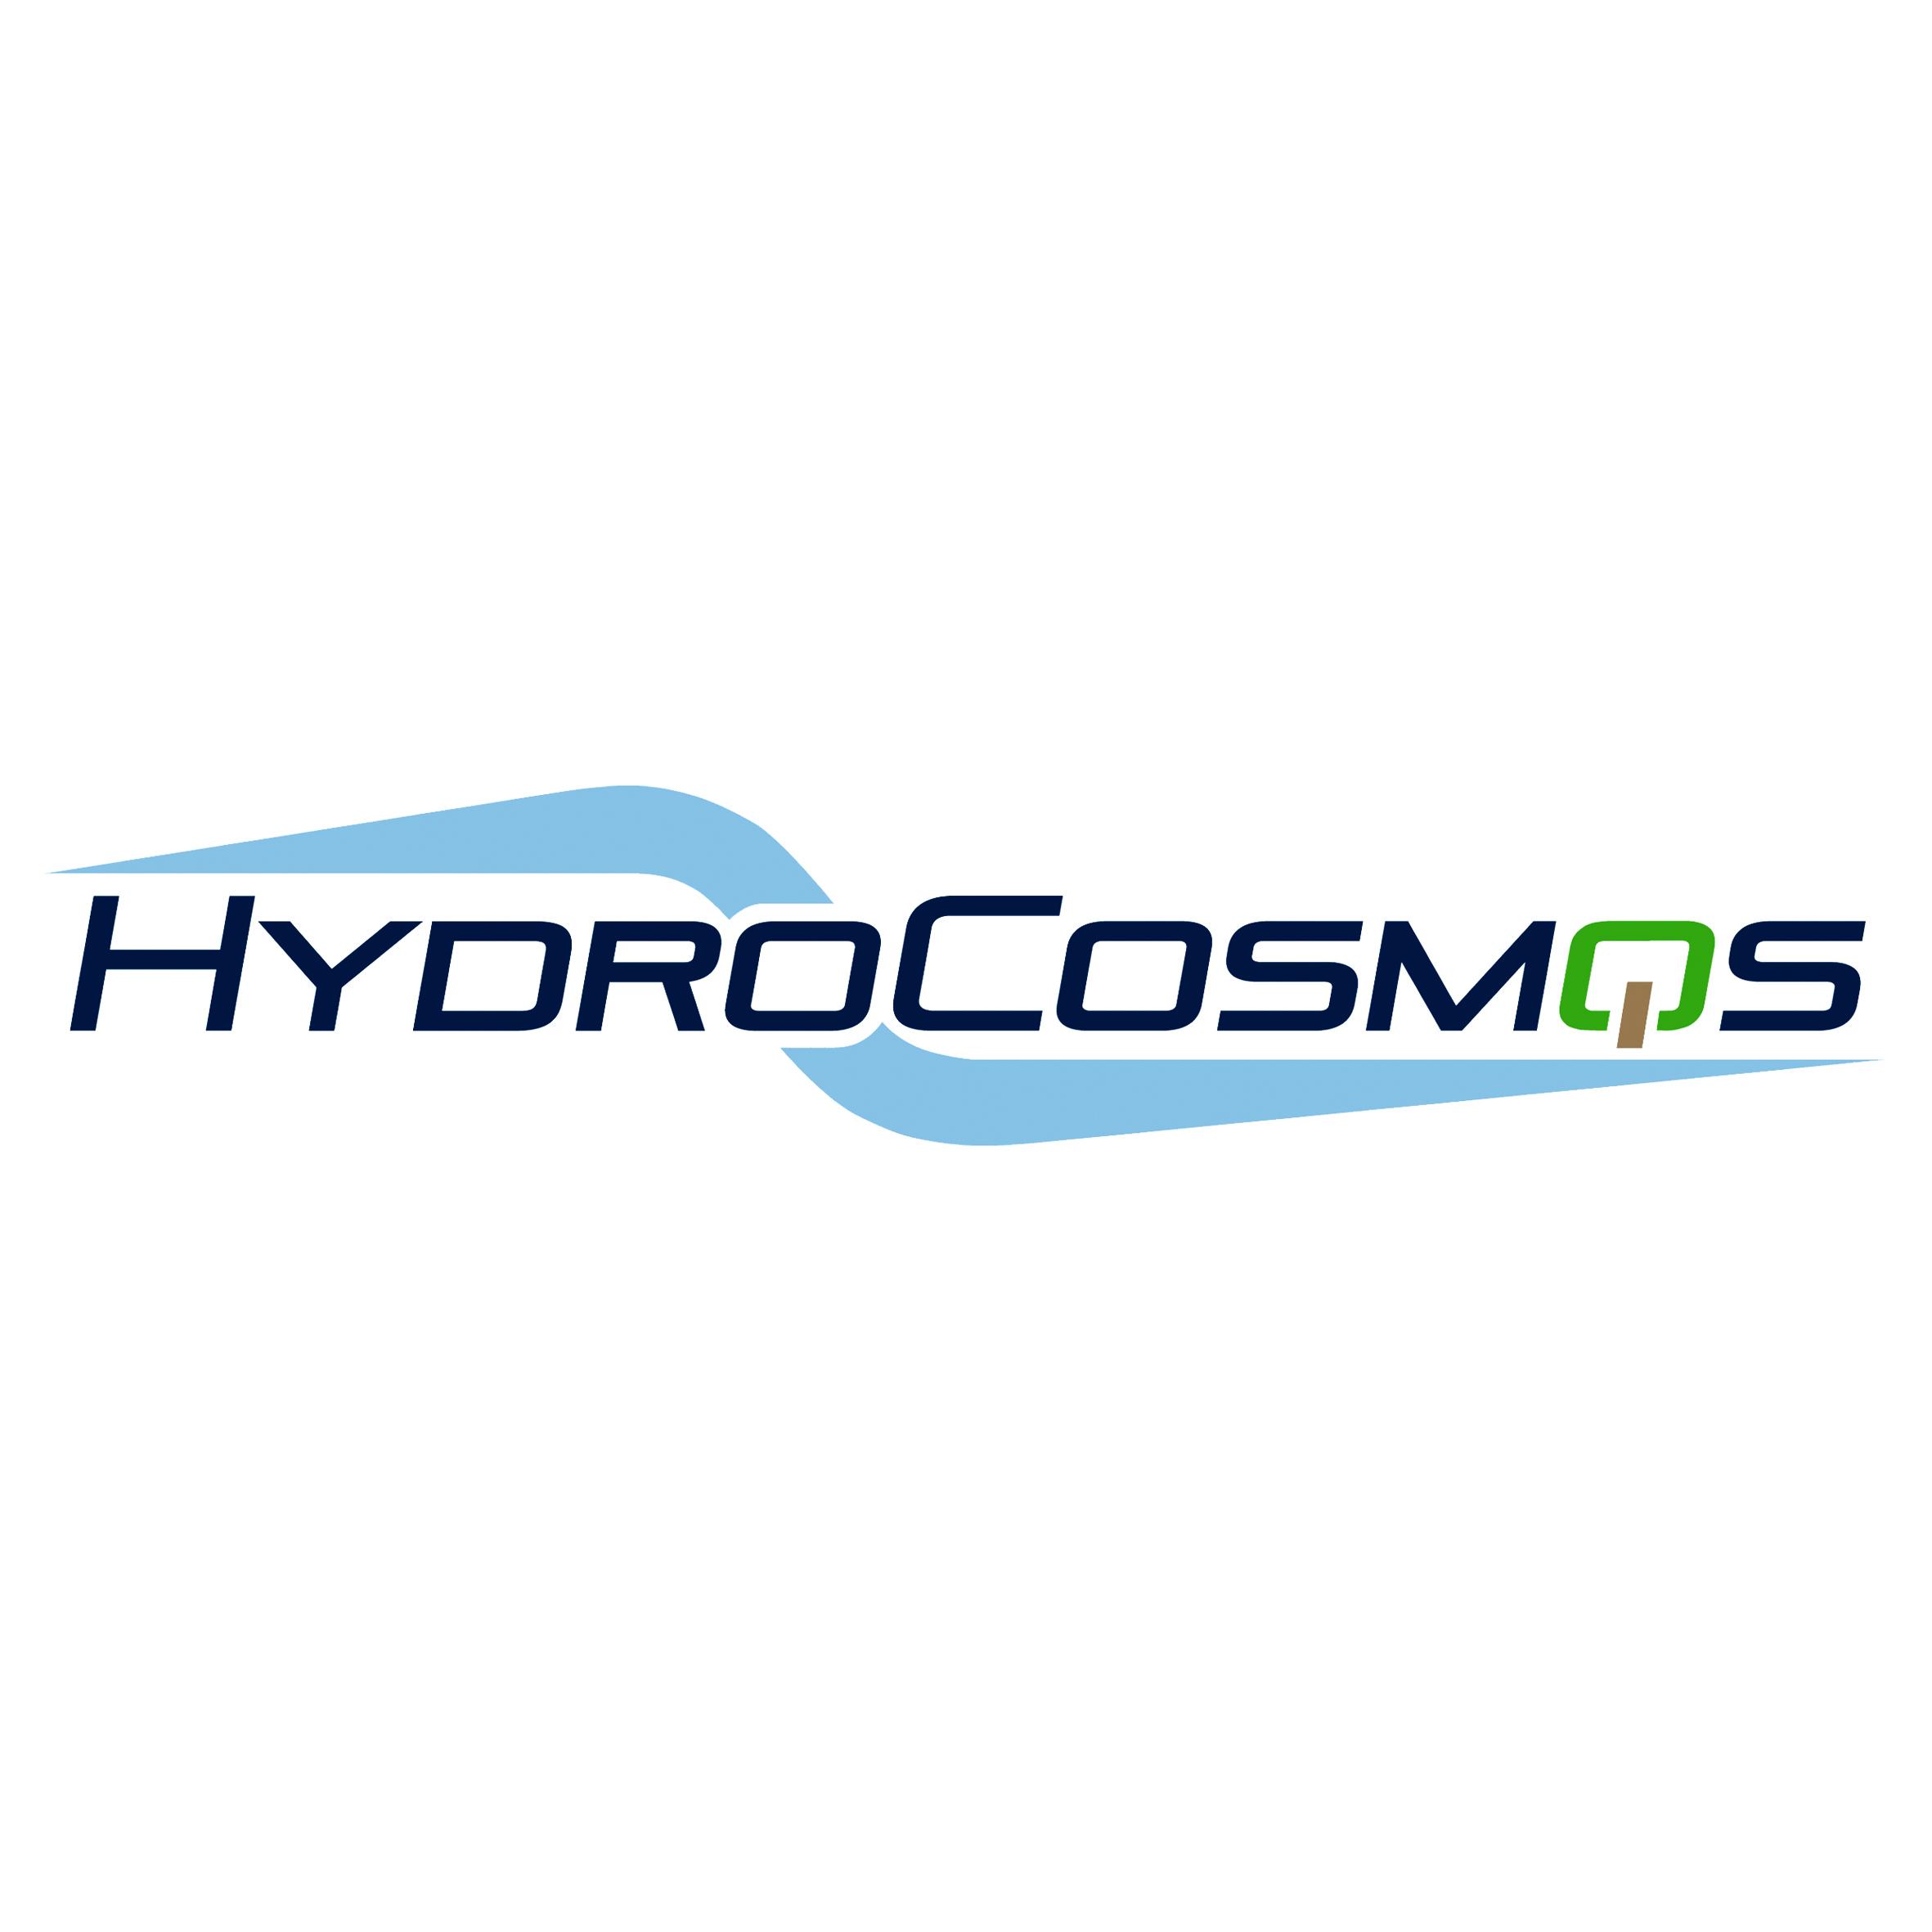 HYDROCOSMOS